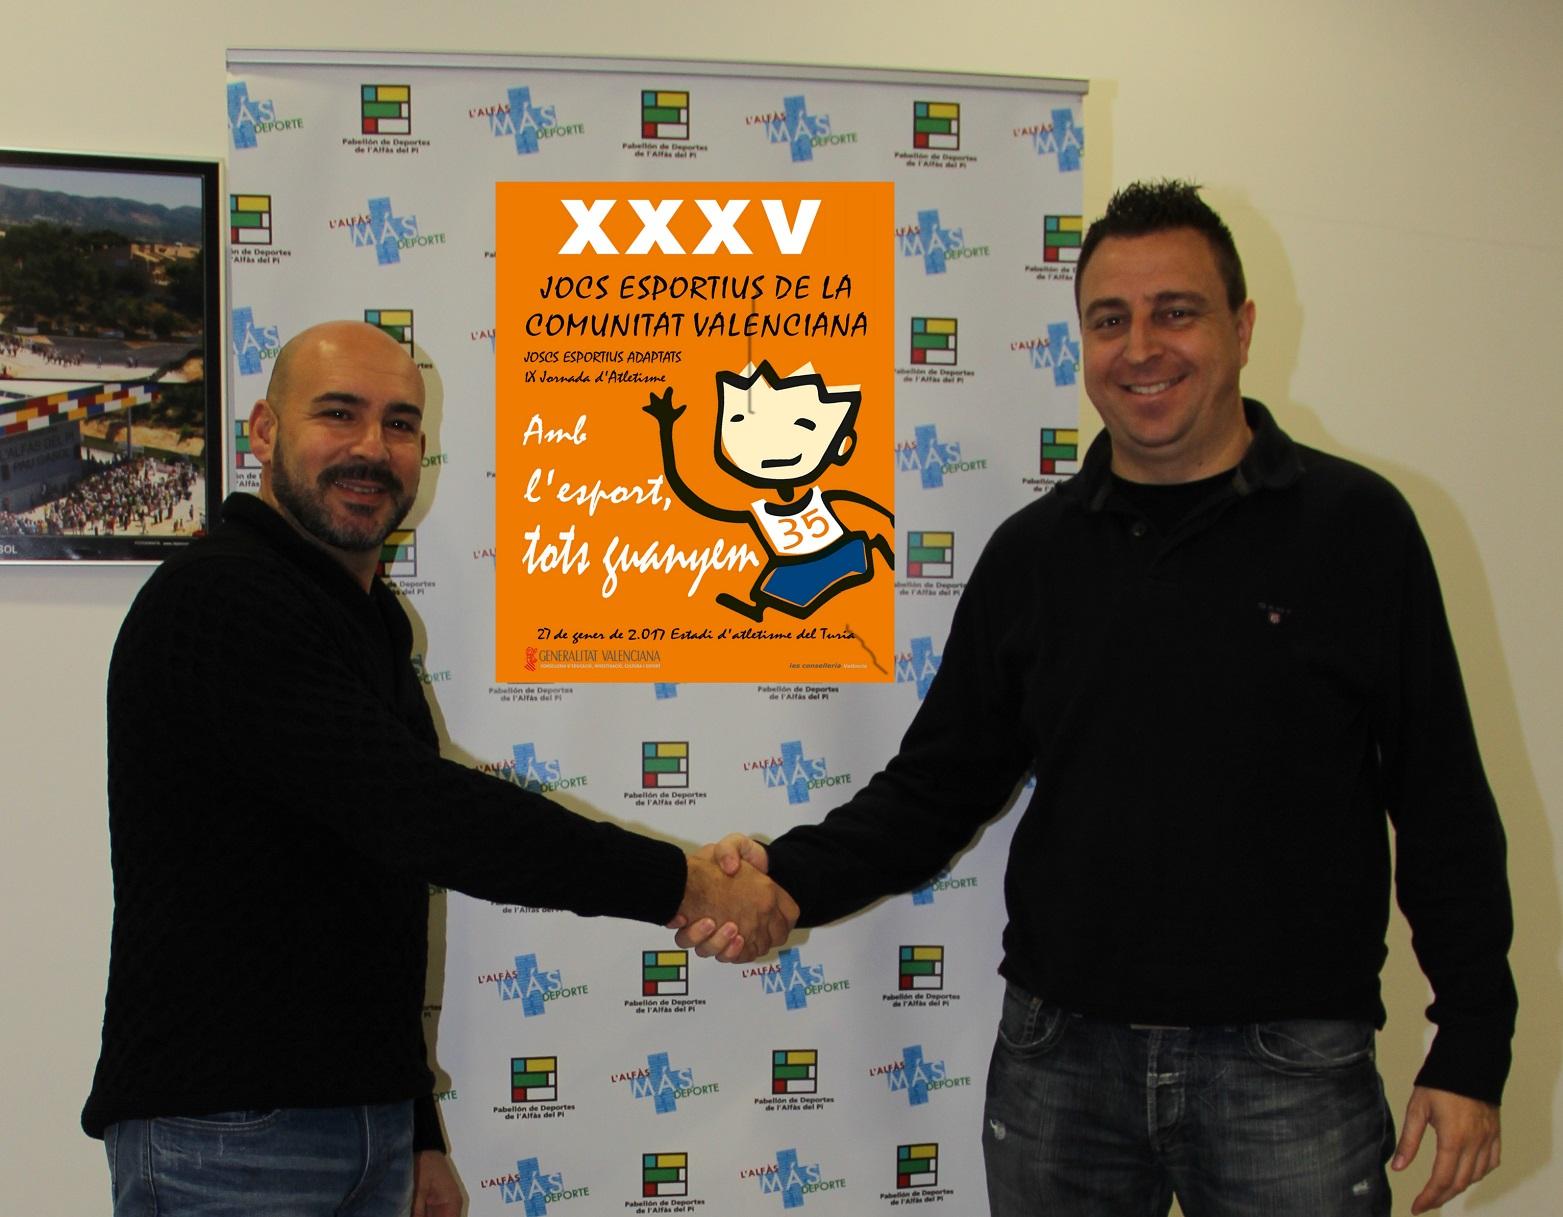 La Nucía y l'Alfàs del Pi serán sede de los XXXV Jocs Esportius de Frontenis de la Comunitat Valenciana.